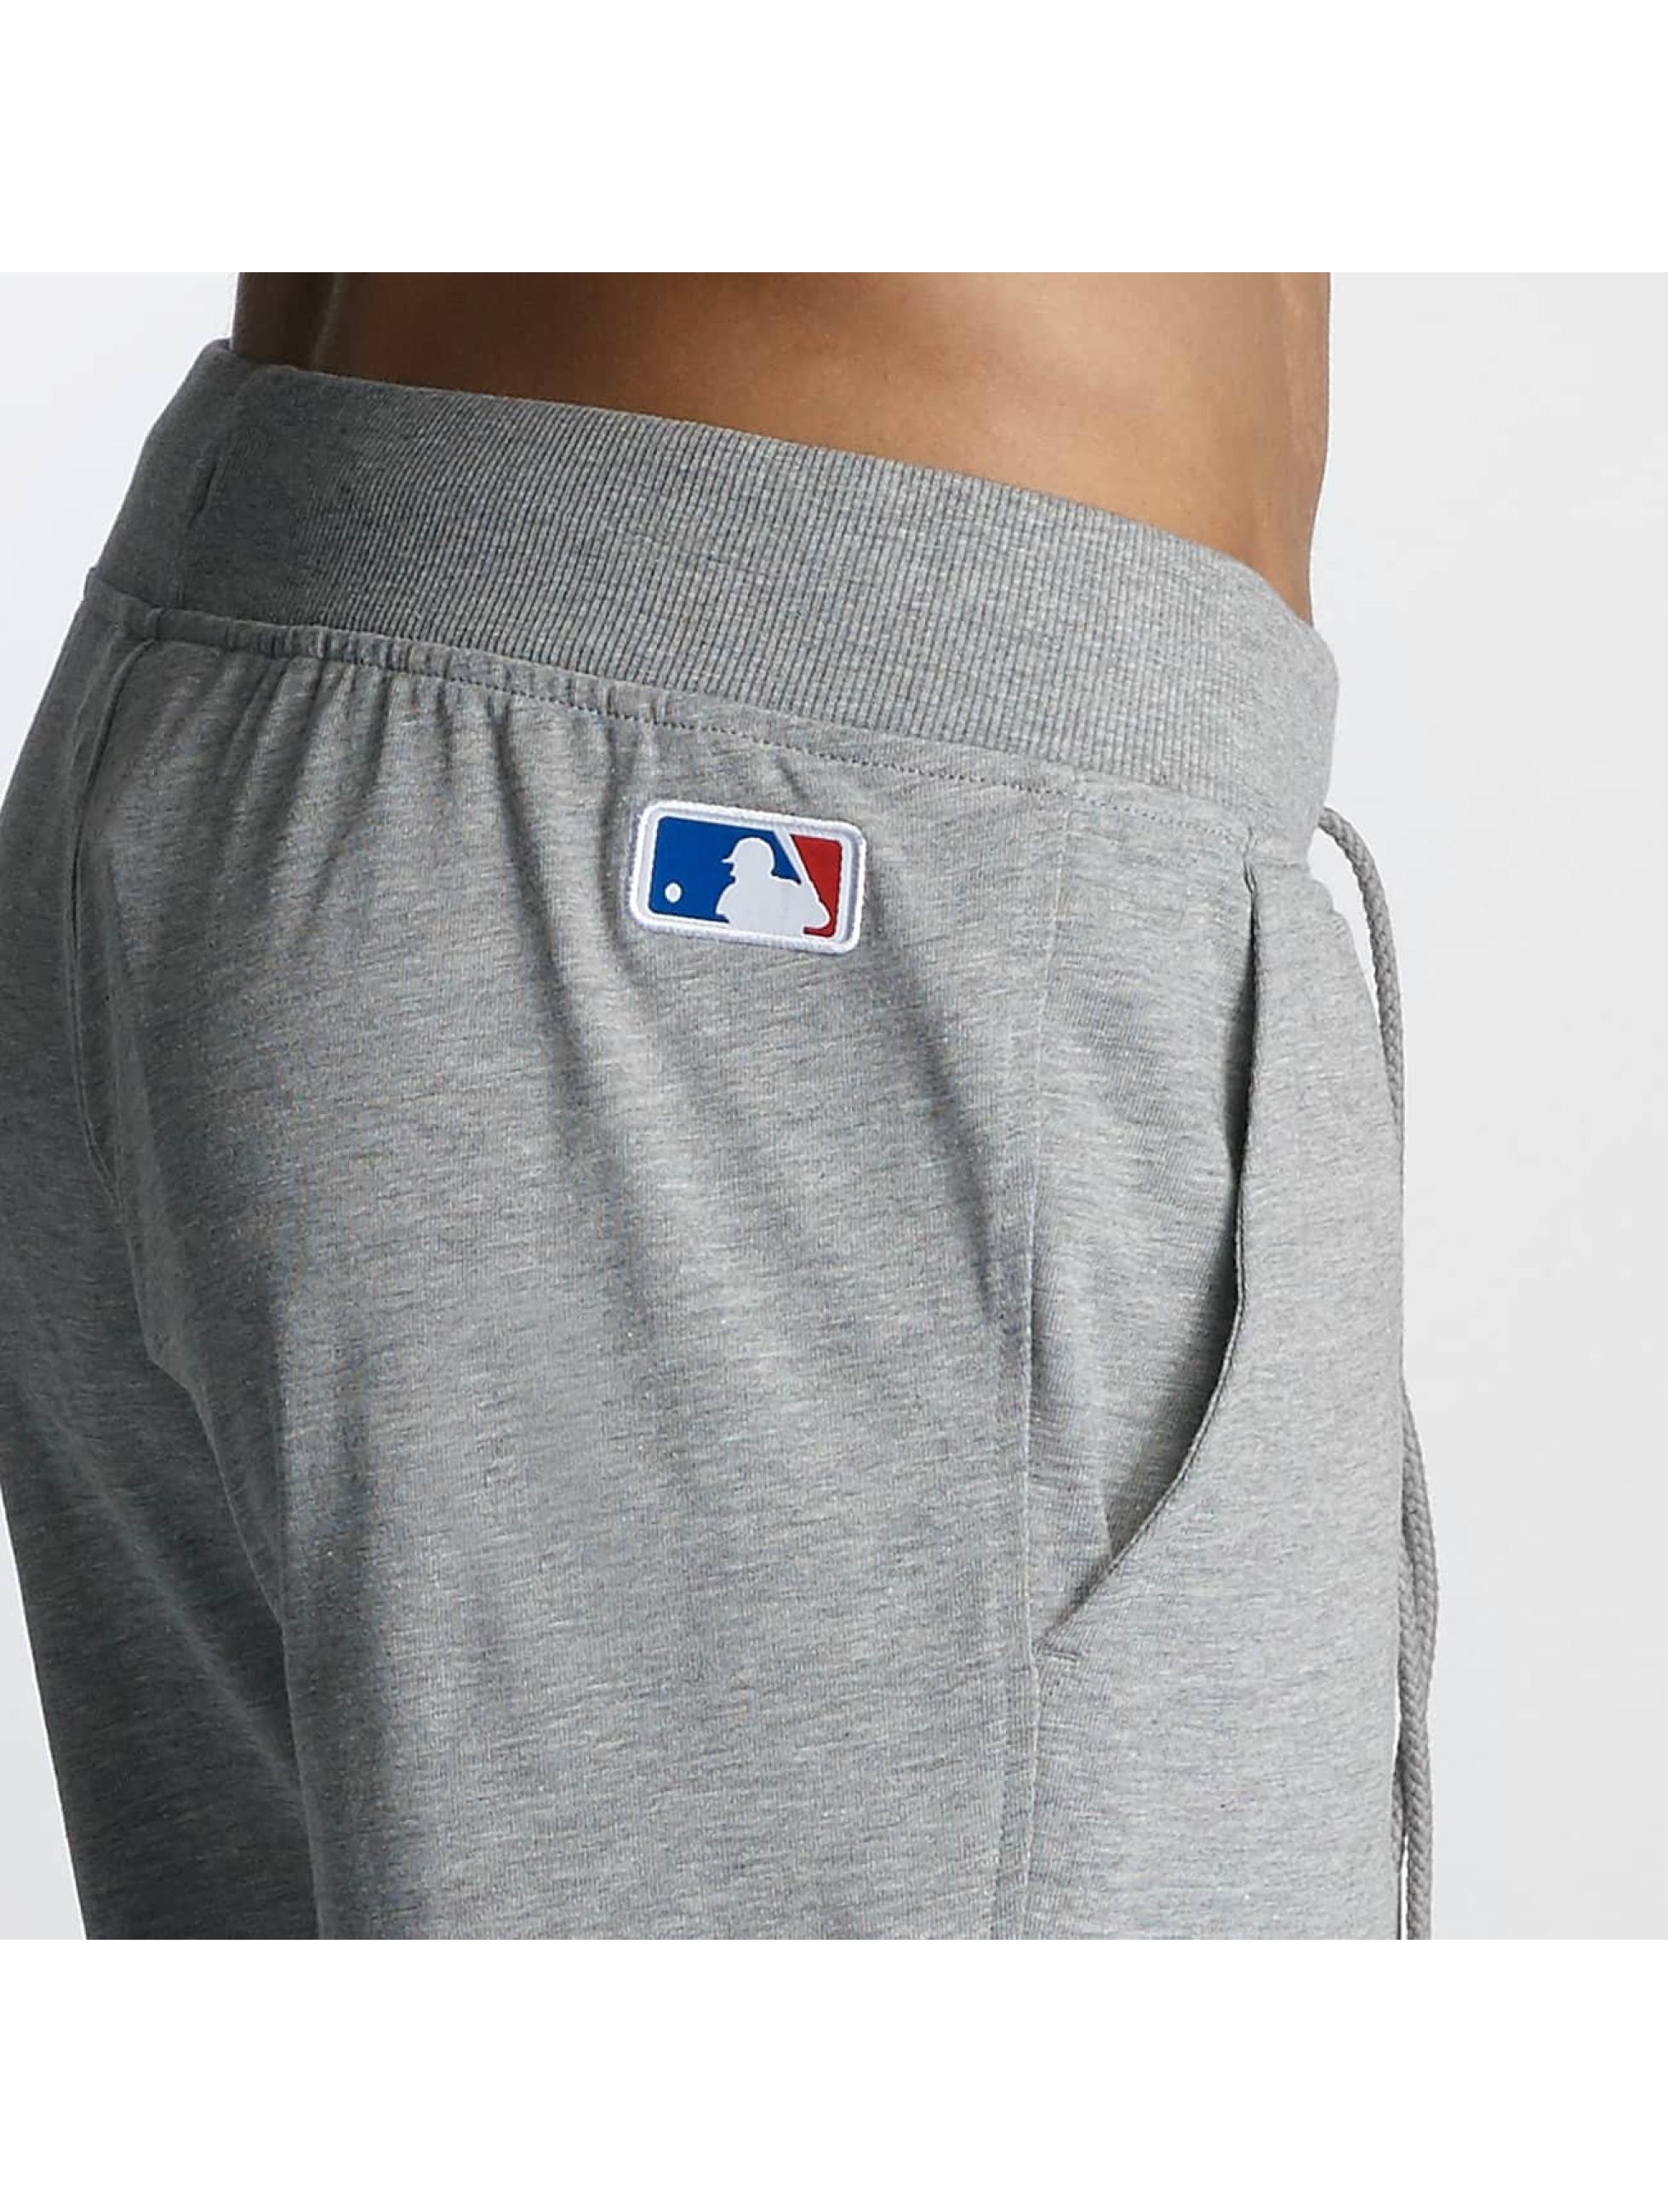 New Era Short Team App LA Dodgers grey